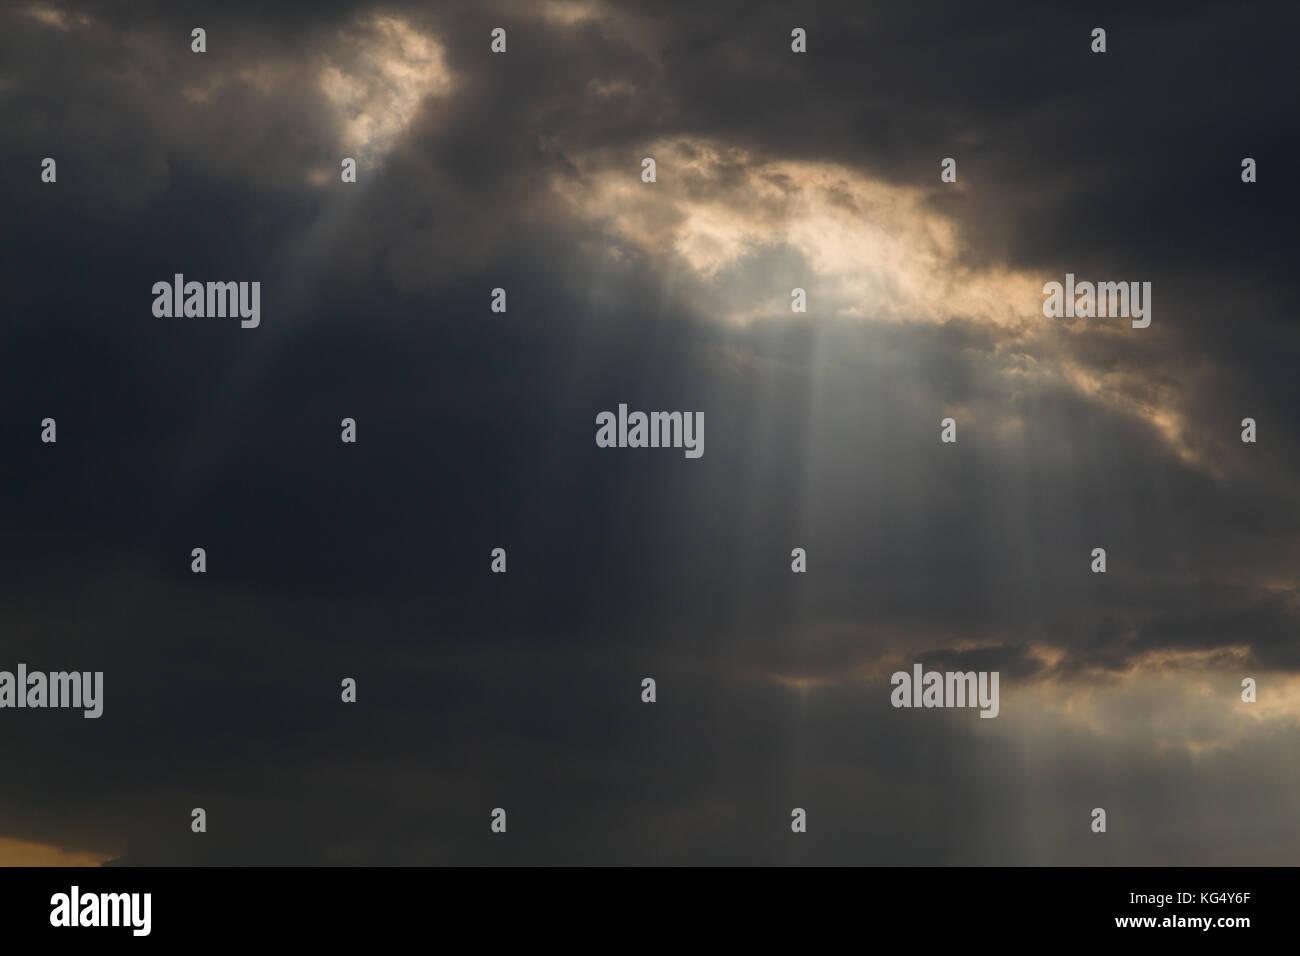 Sonnenstrahlen - Stock Image